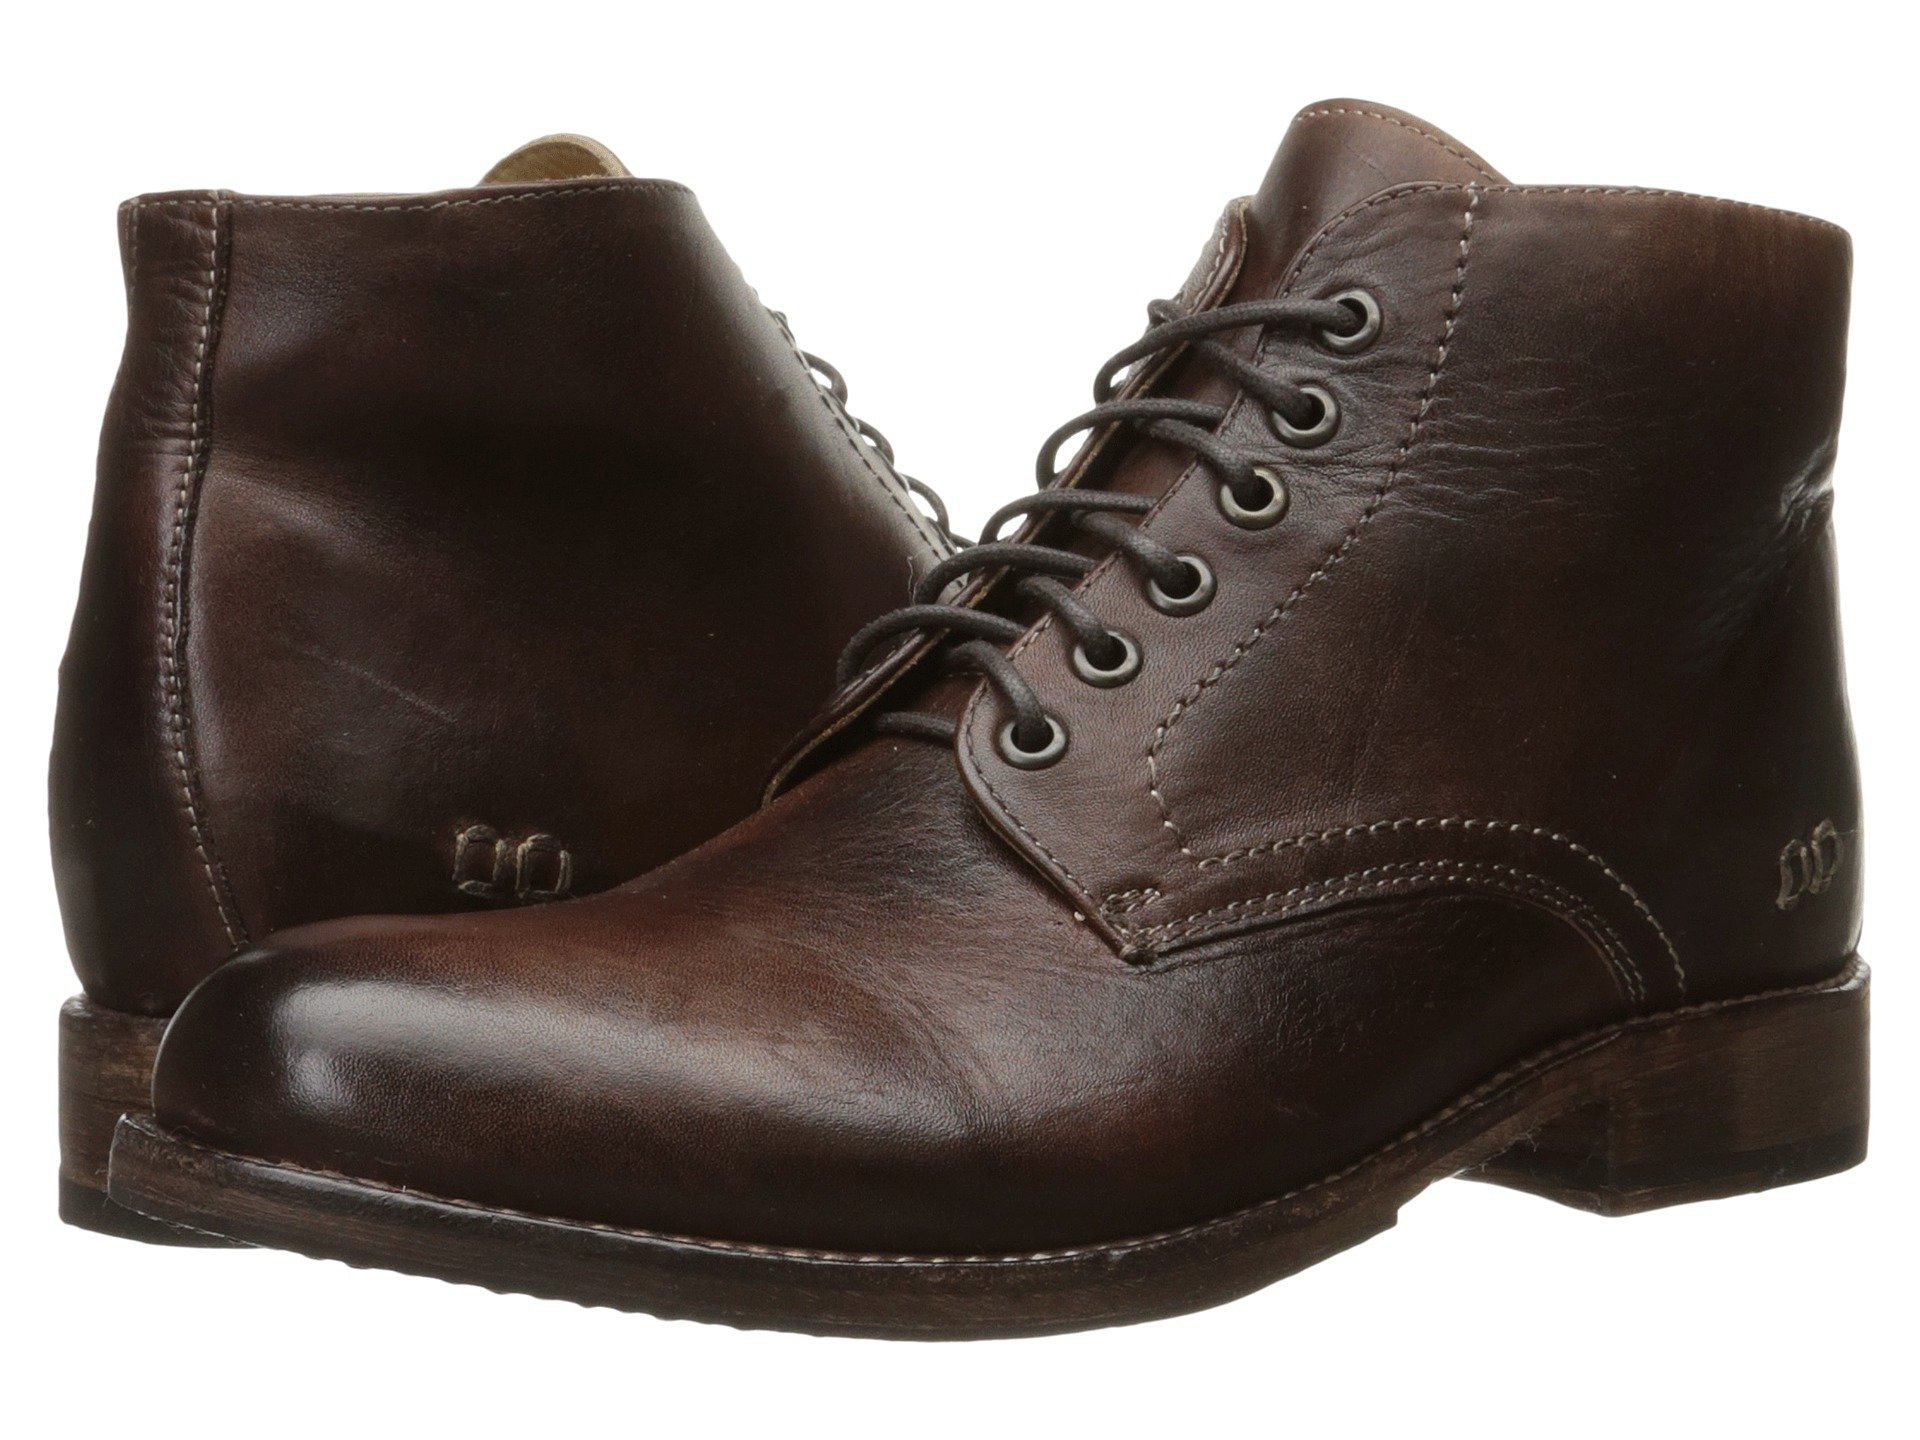 Stu Bed Rustic Leather Teak Bradley dqZpwqU